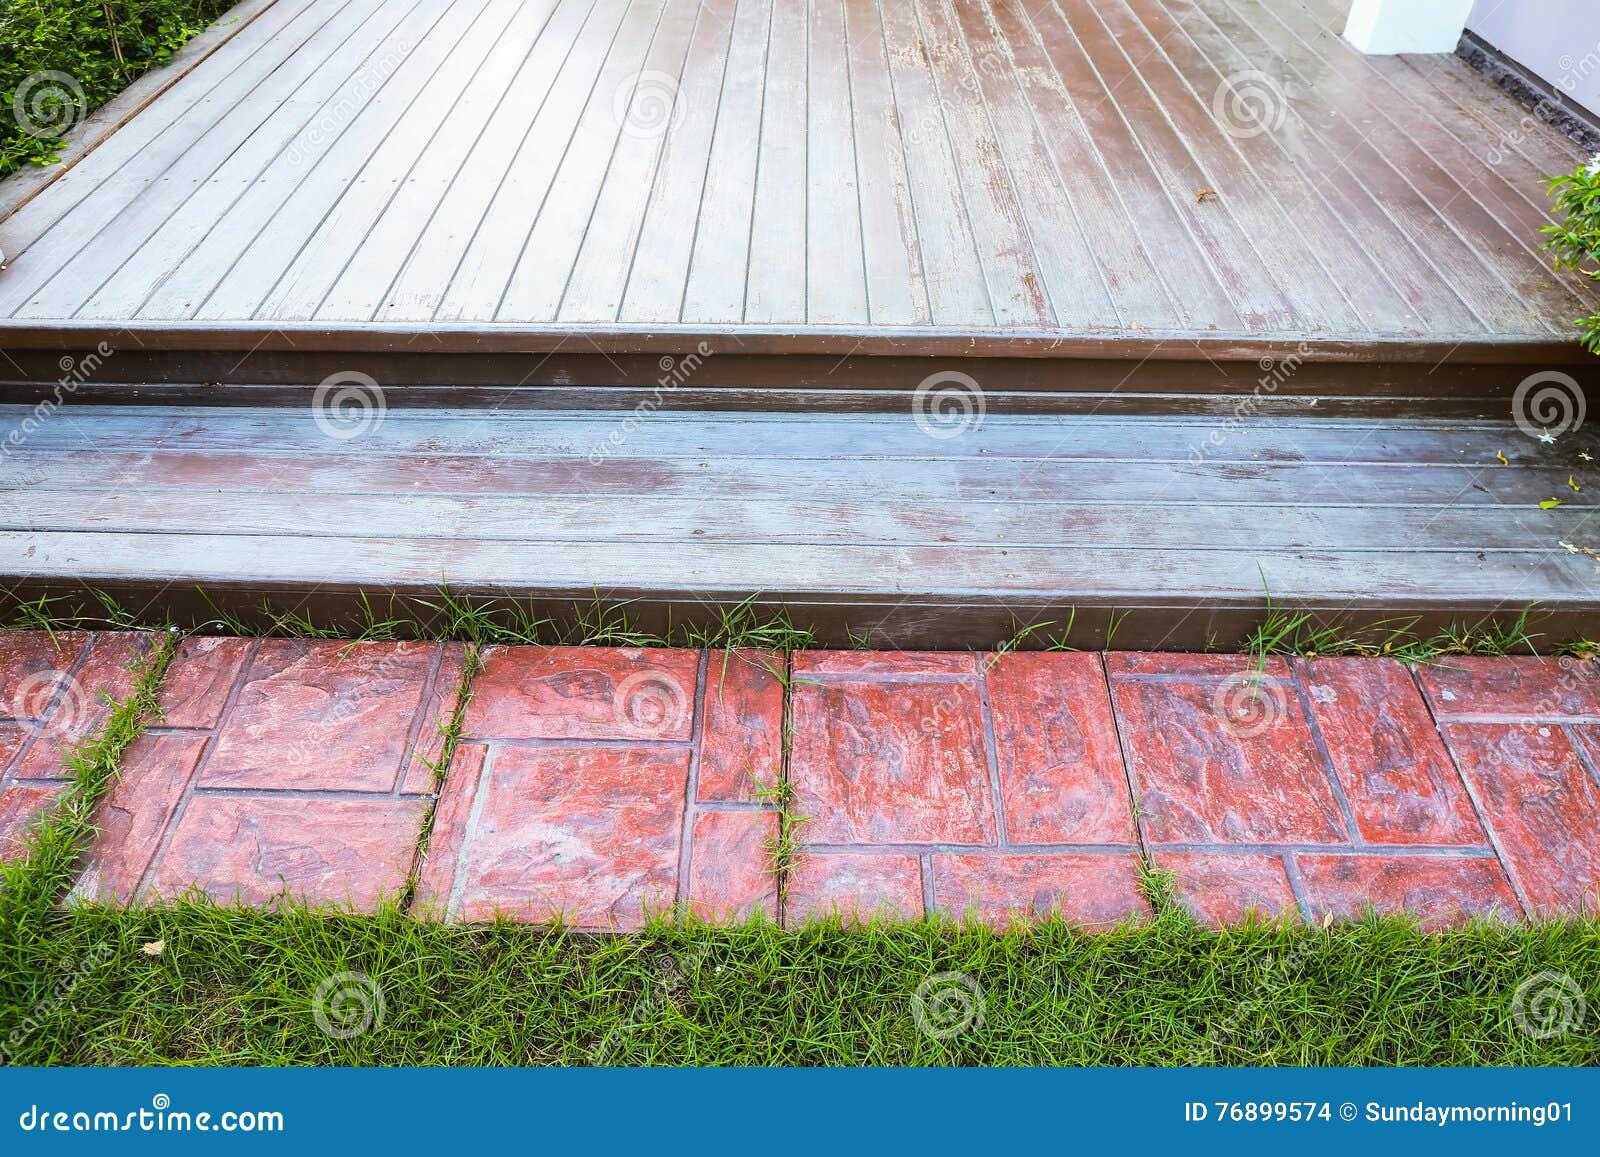 Holzfußboden Terrasse ~ Holzfußboden und mit ziegeln gedeckte zu hause terrasse stockfoto